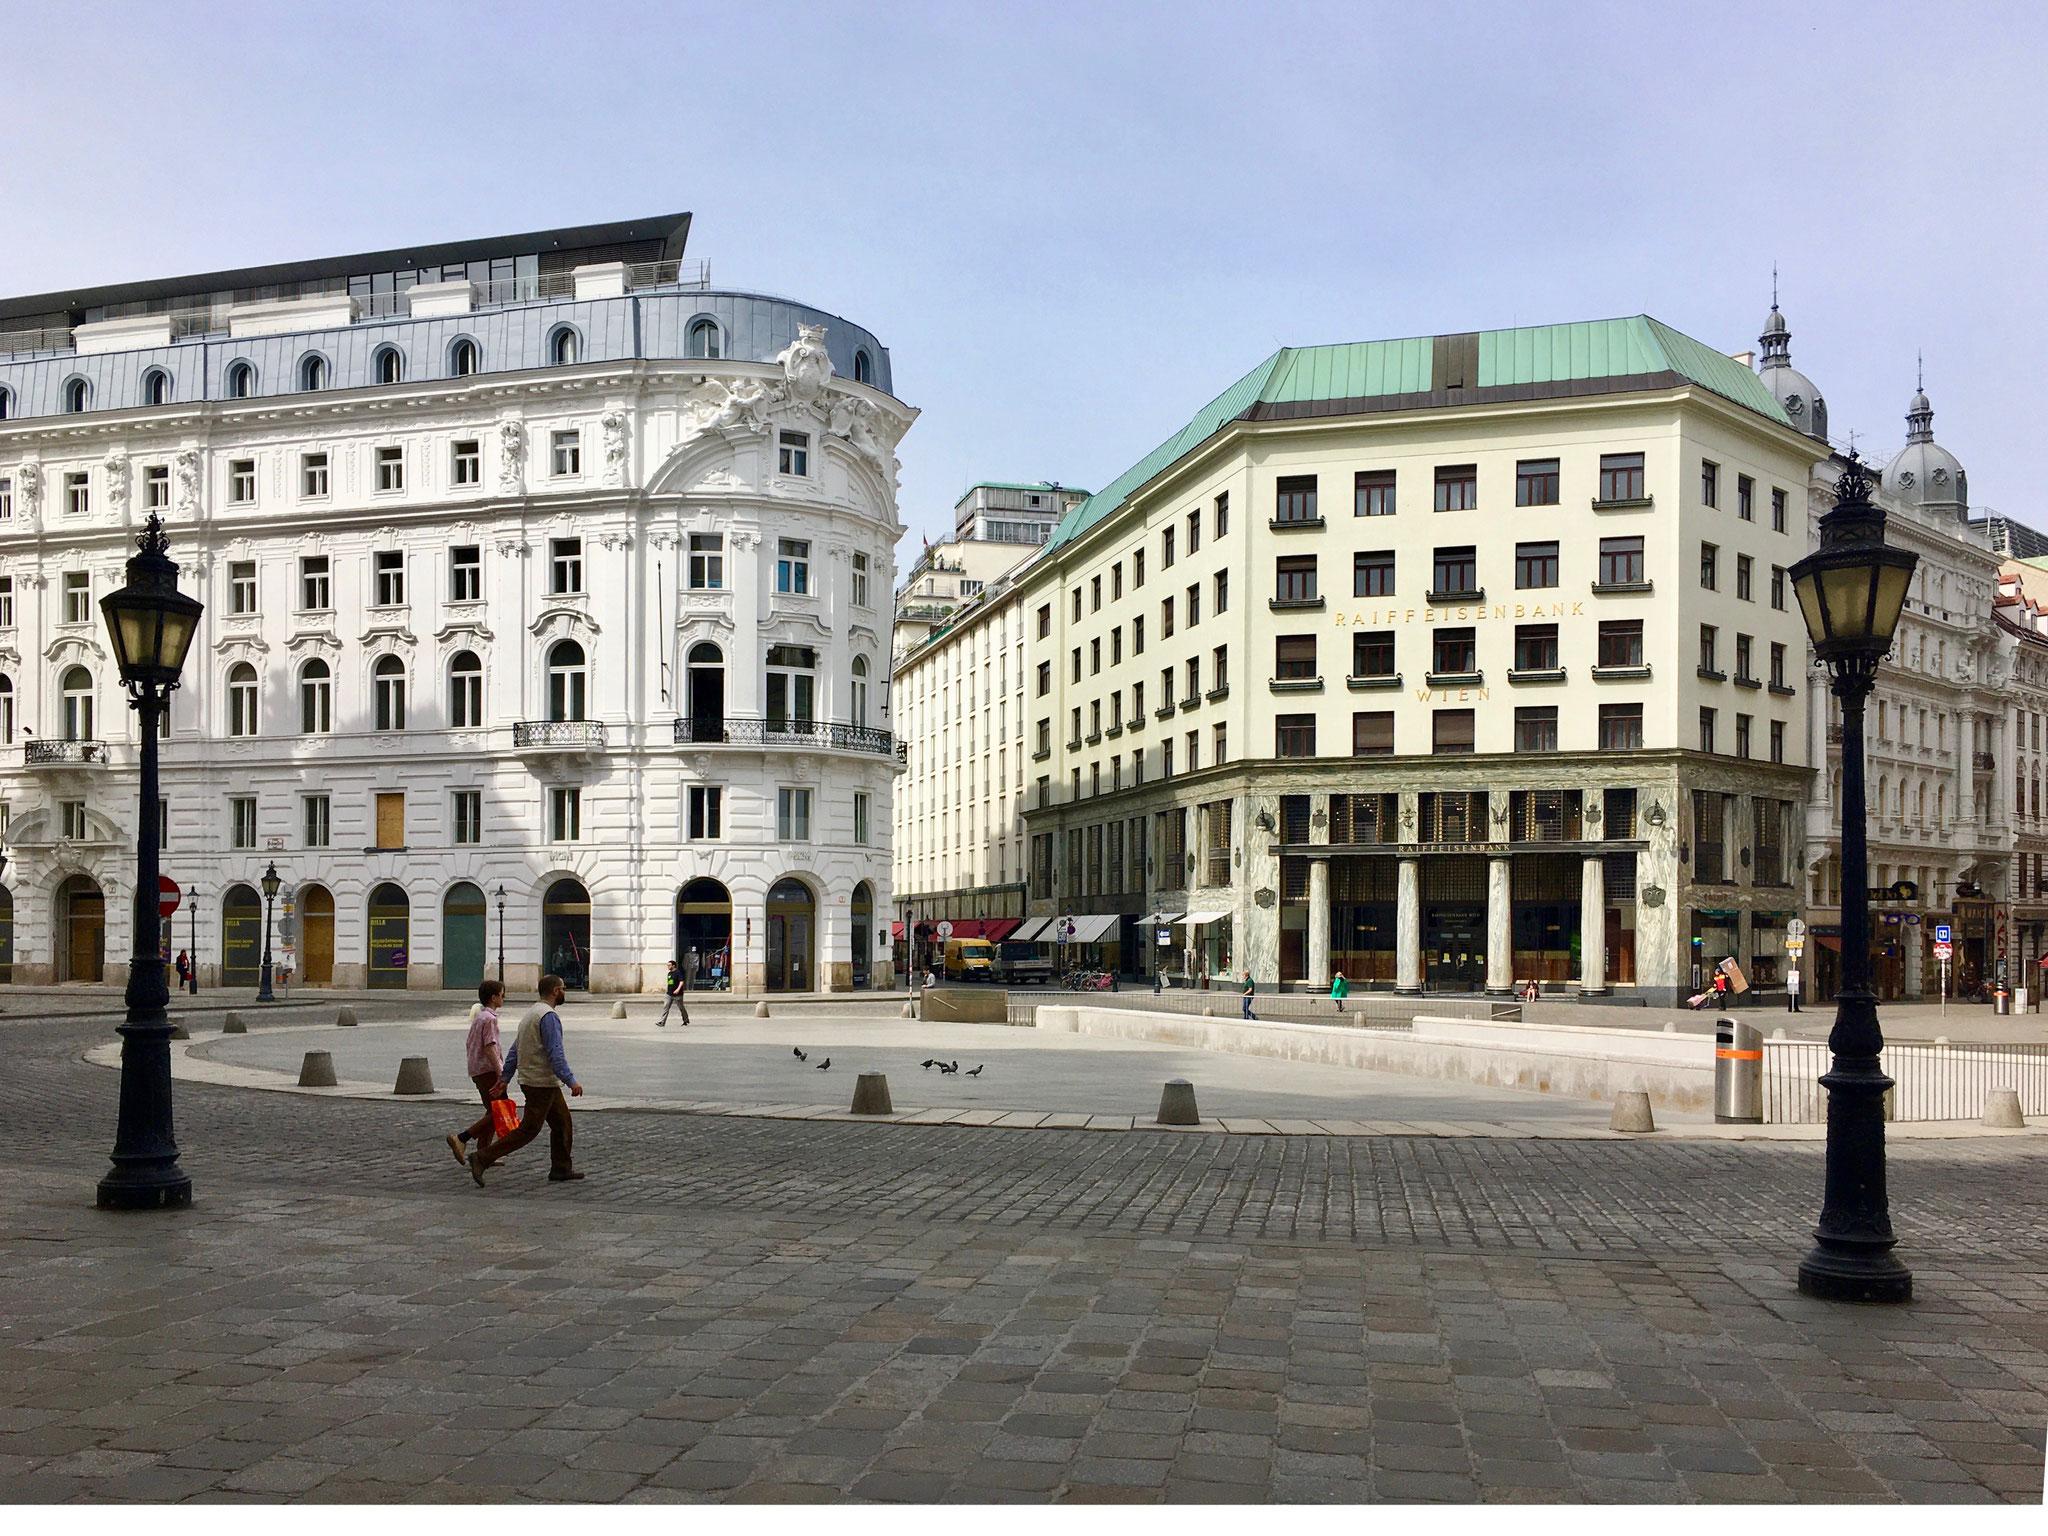 Michaelerplatz mit Looshaus und Platzgestaltung von Hans Hollein ©Felicitas-Konecny